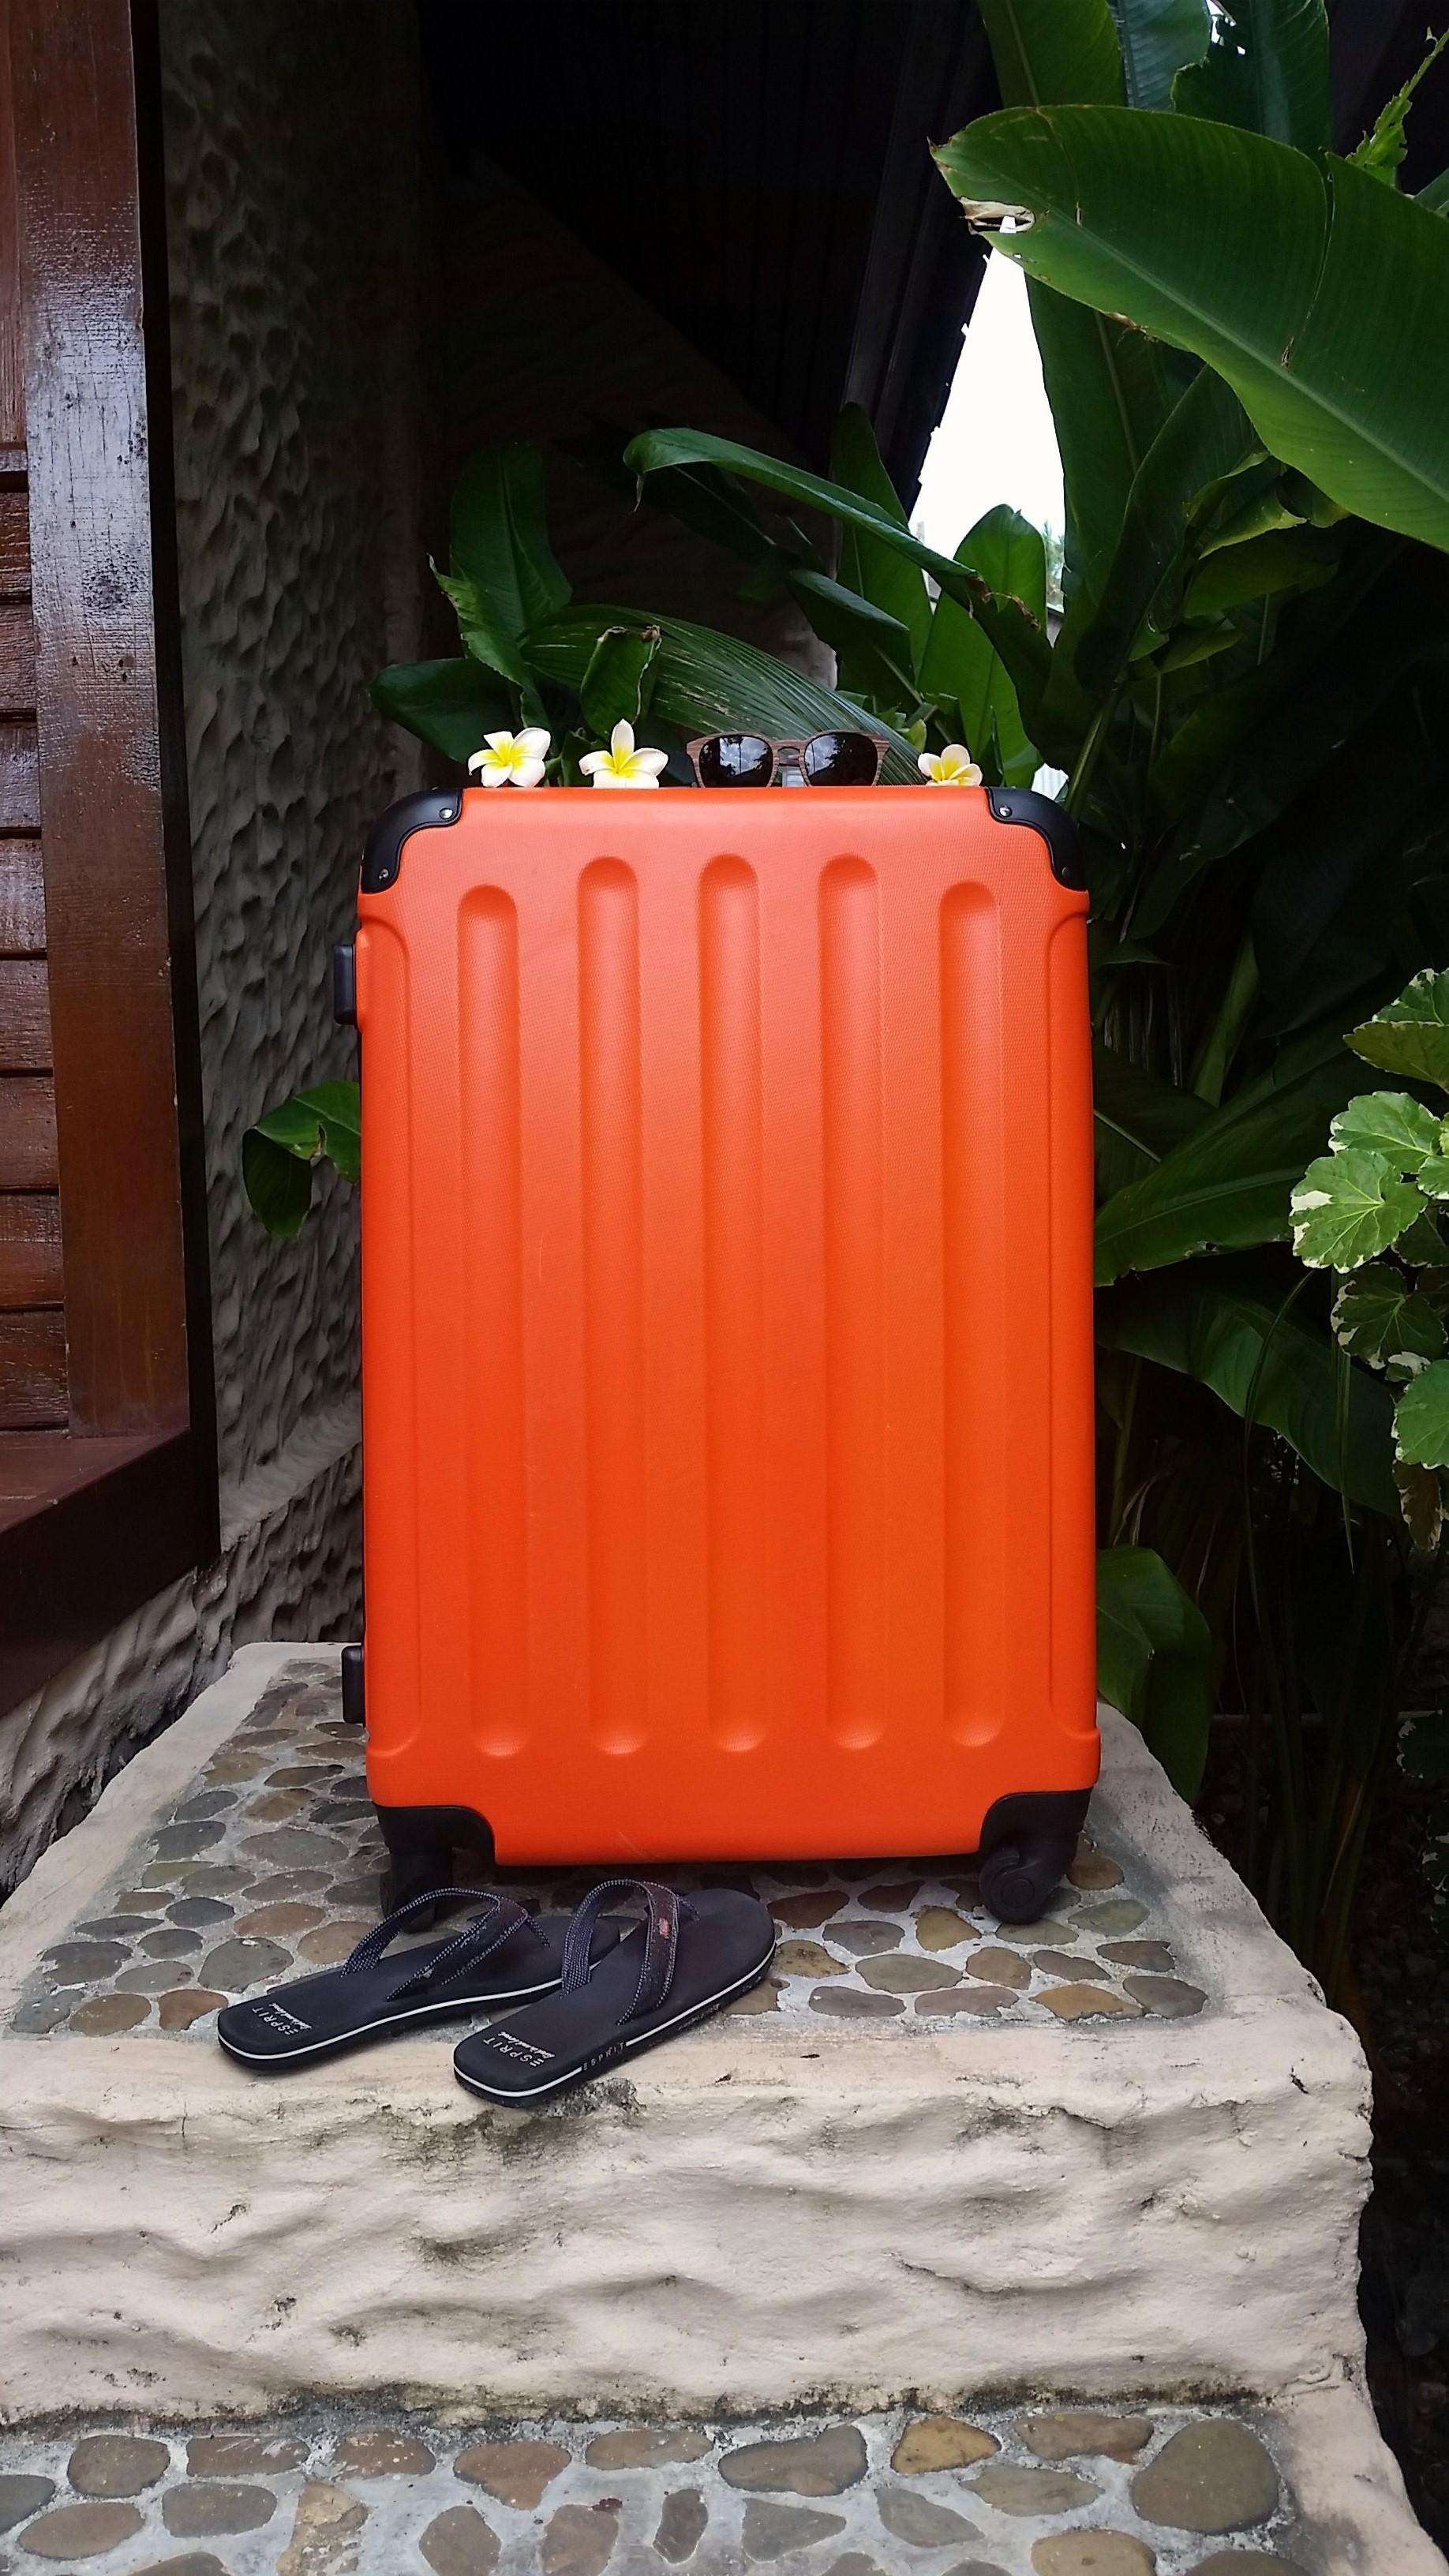 Orangerkoffer. Geschrieben Von Orange